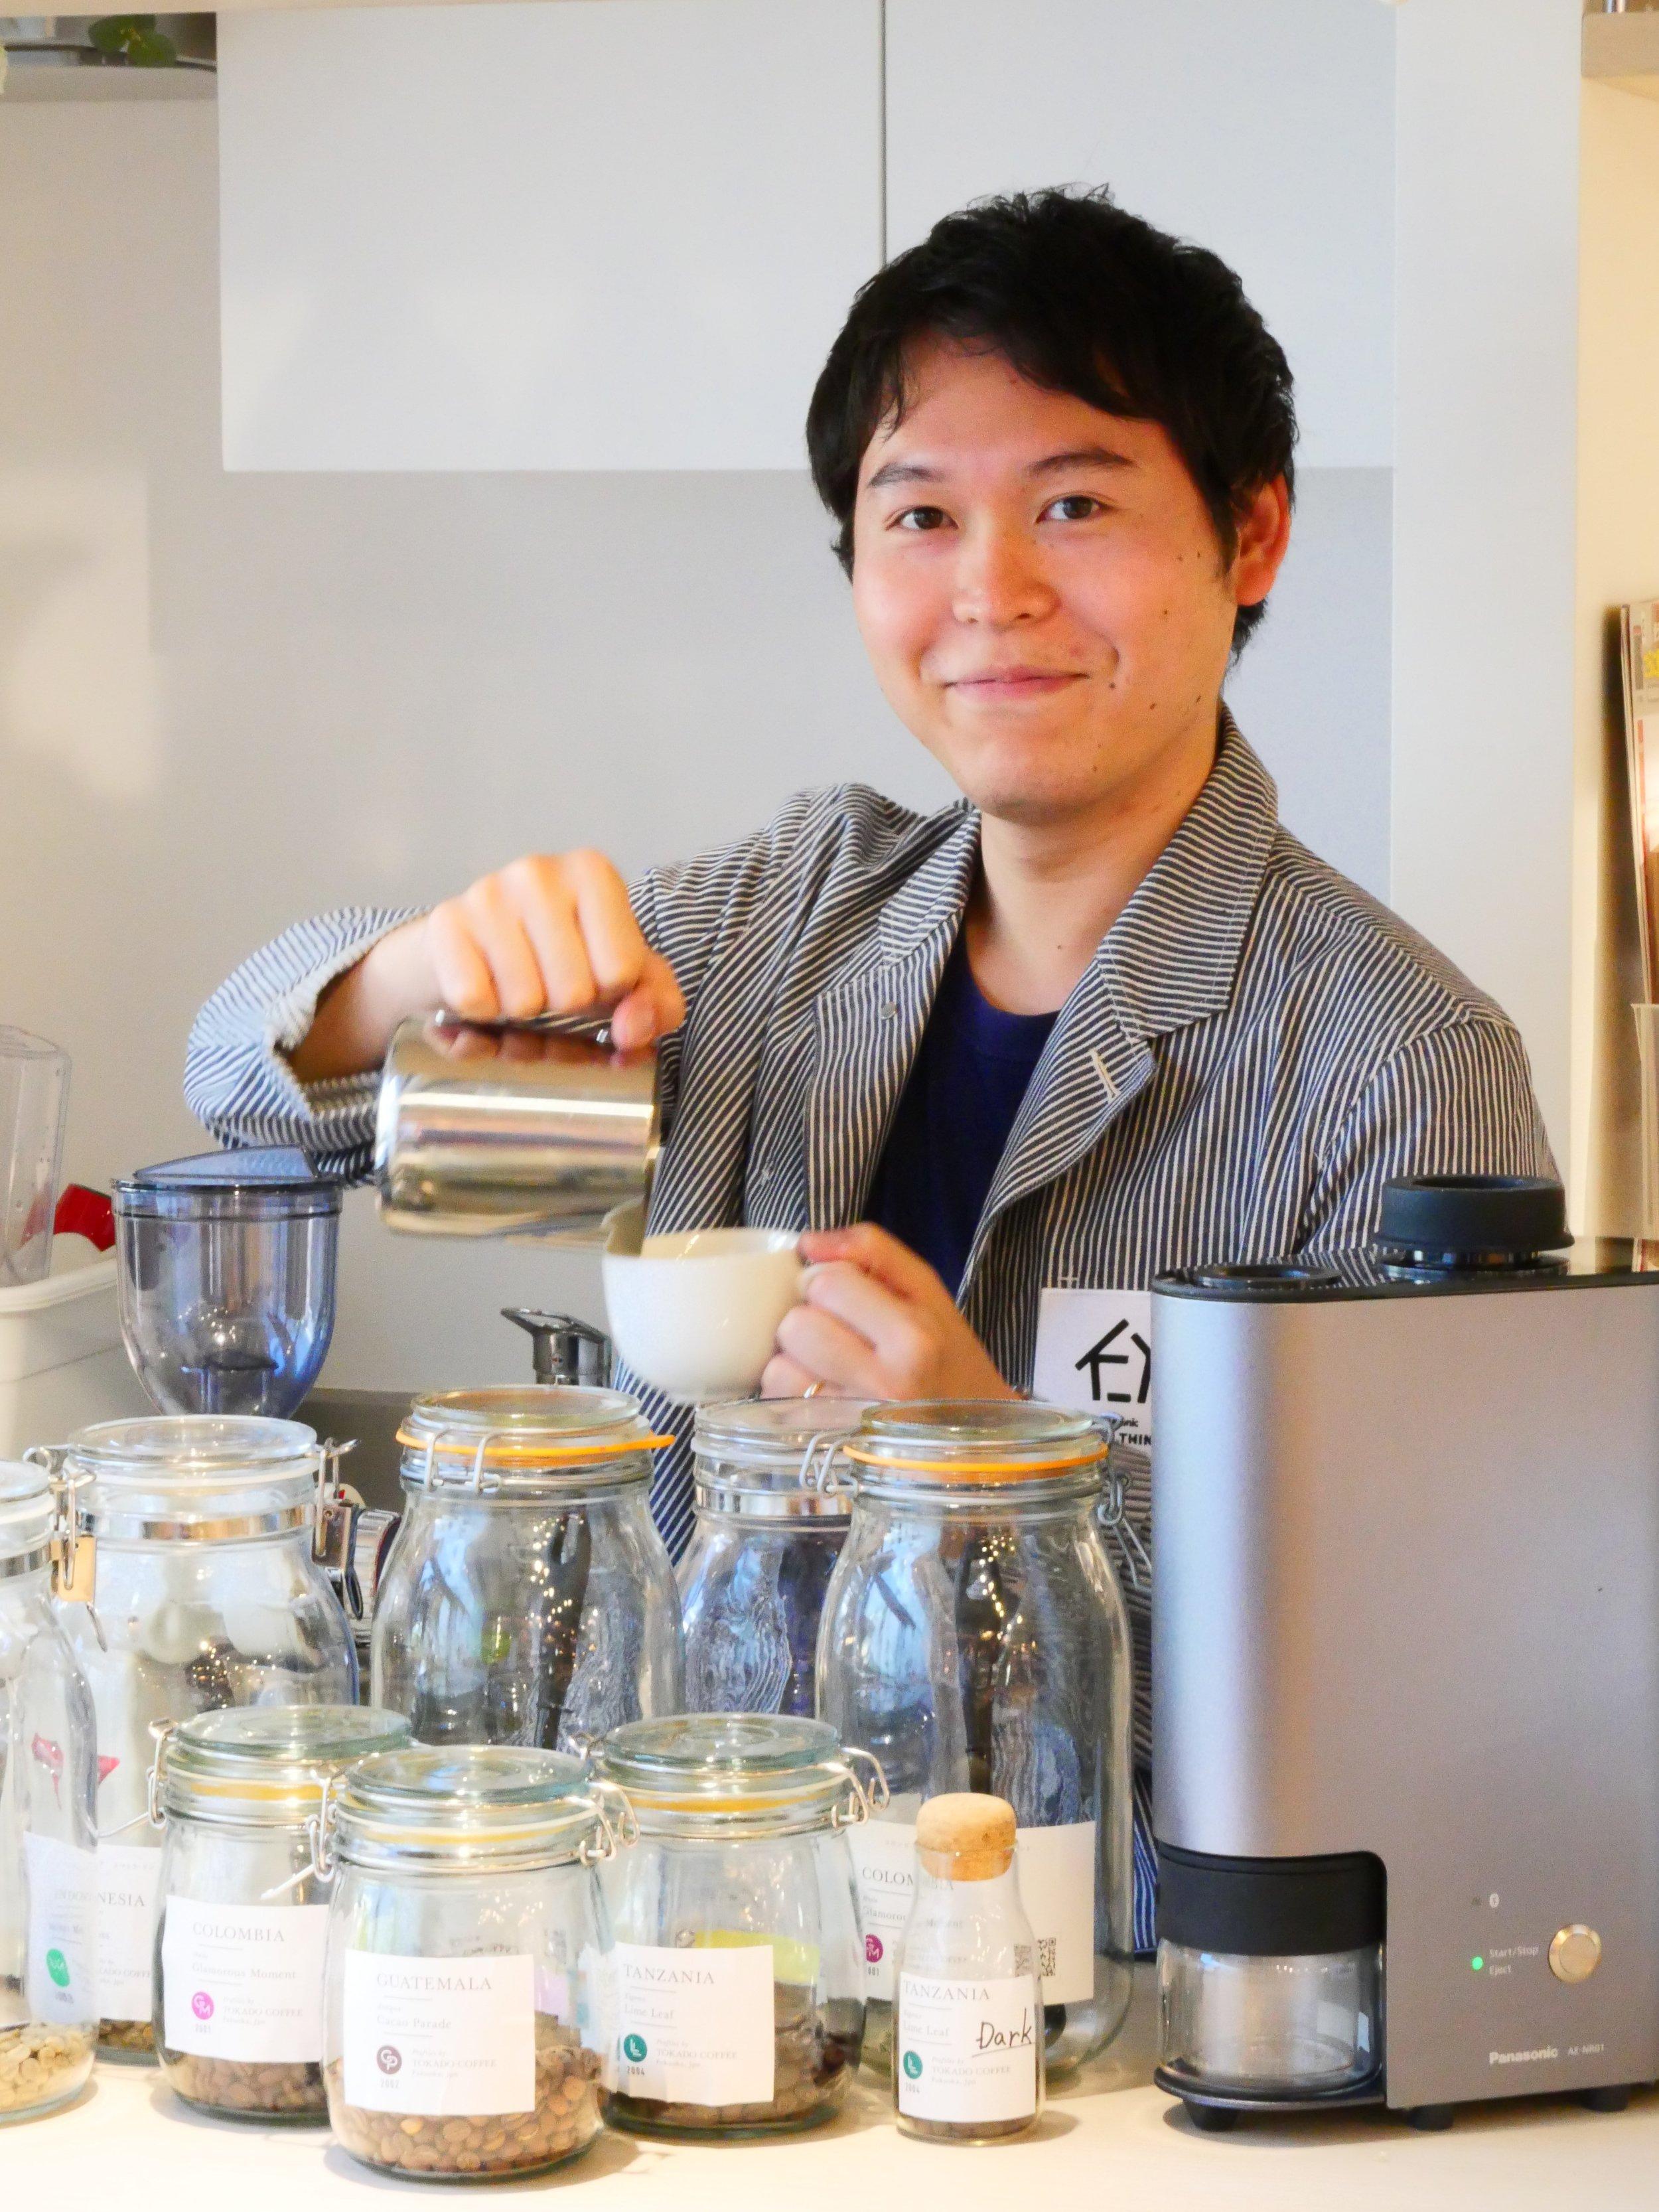 ワタシ好みのコーヒーを見つけて持ち帰えろう講師画像 (NXPowerLite Copy).jpg